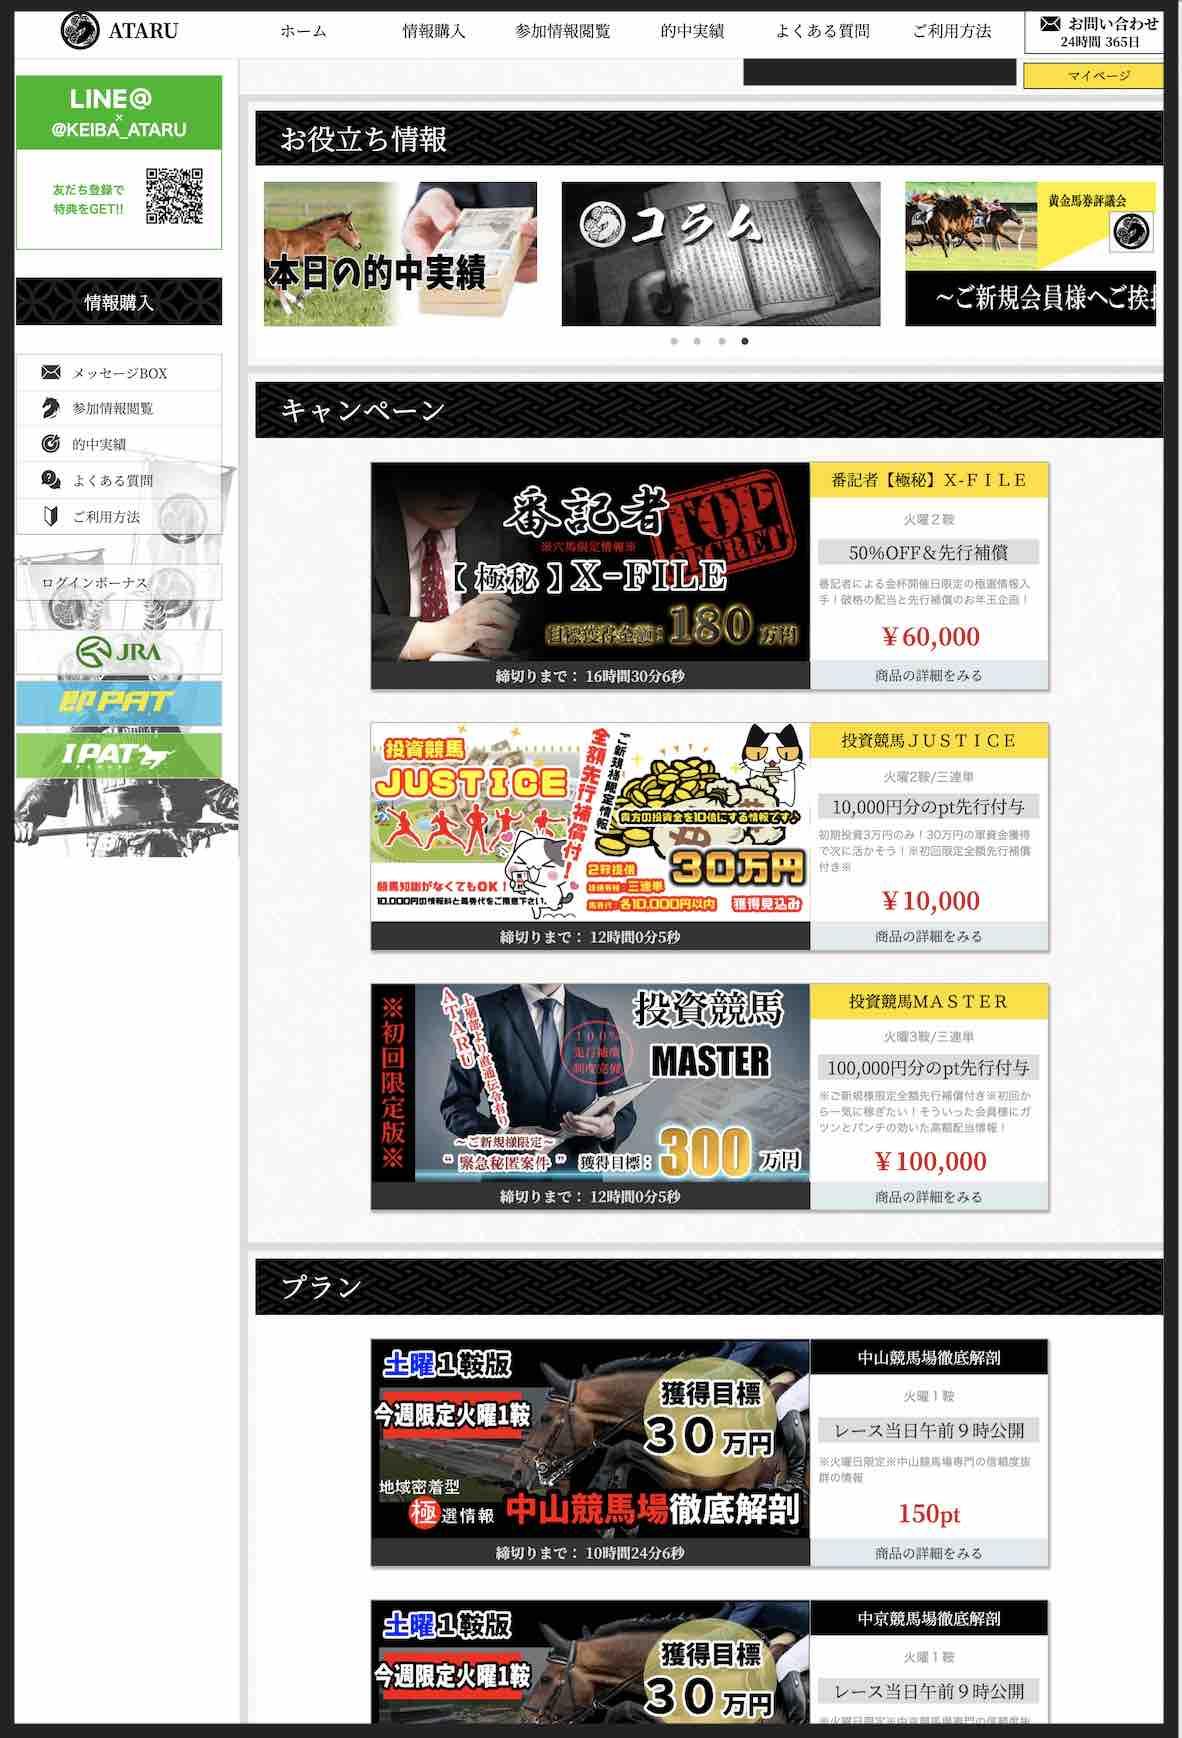 競馬予想サイトのATARU(アタル競馬)の会員ページ